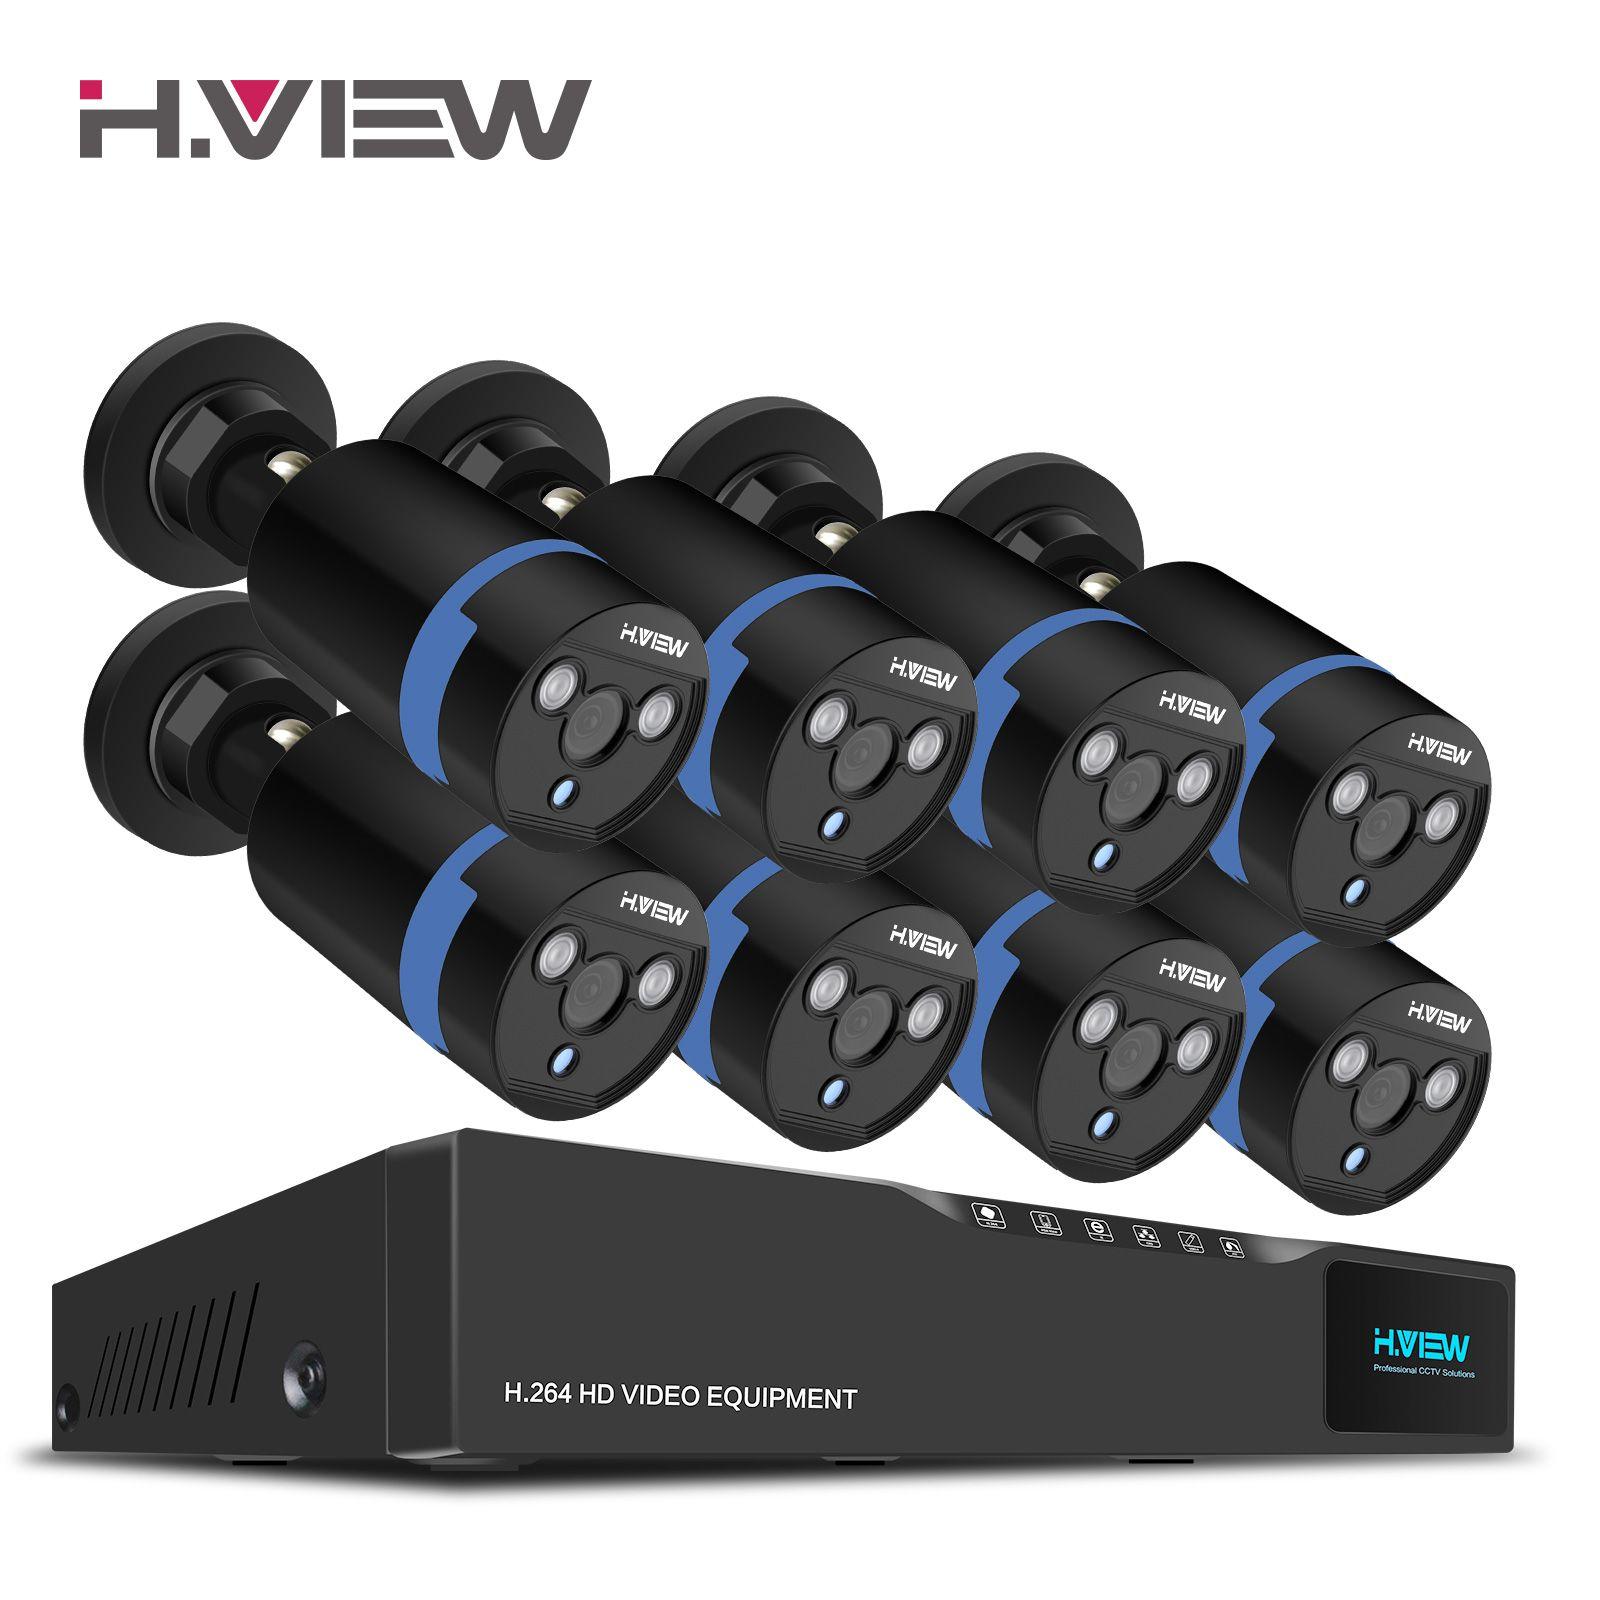 H. Ansicht 16CH Überwachung System 8 1080 P Outdoor-überwachungskamera 16CH CCTV DVR Kit Videoüberwachung iPhone Android Remote View